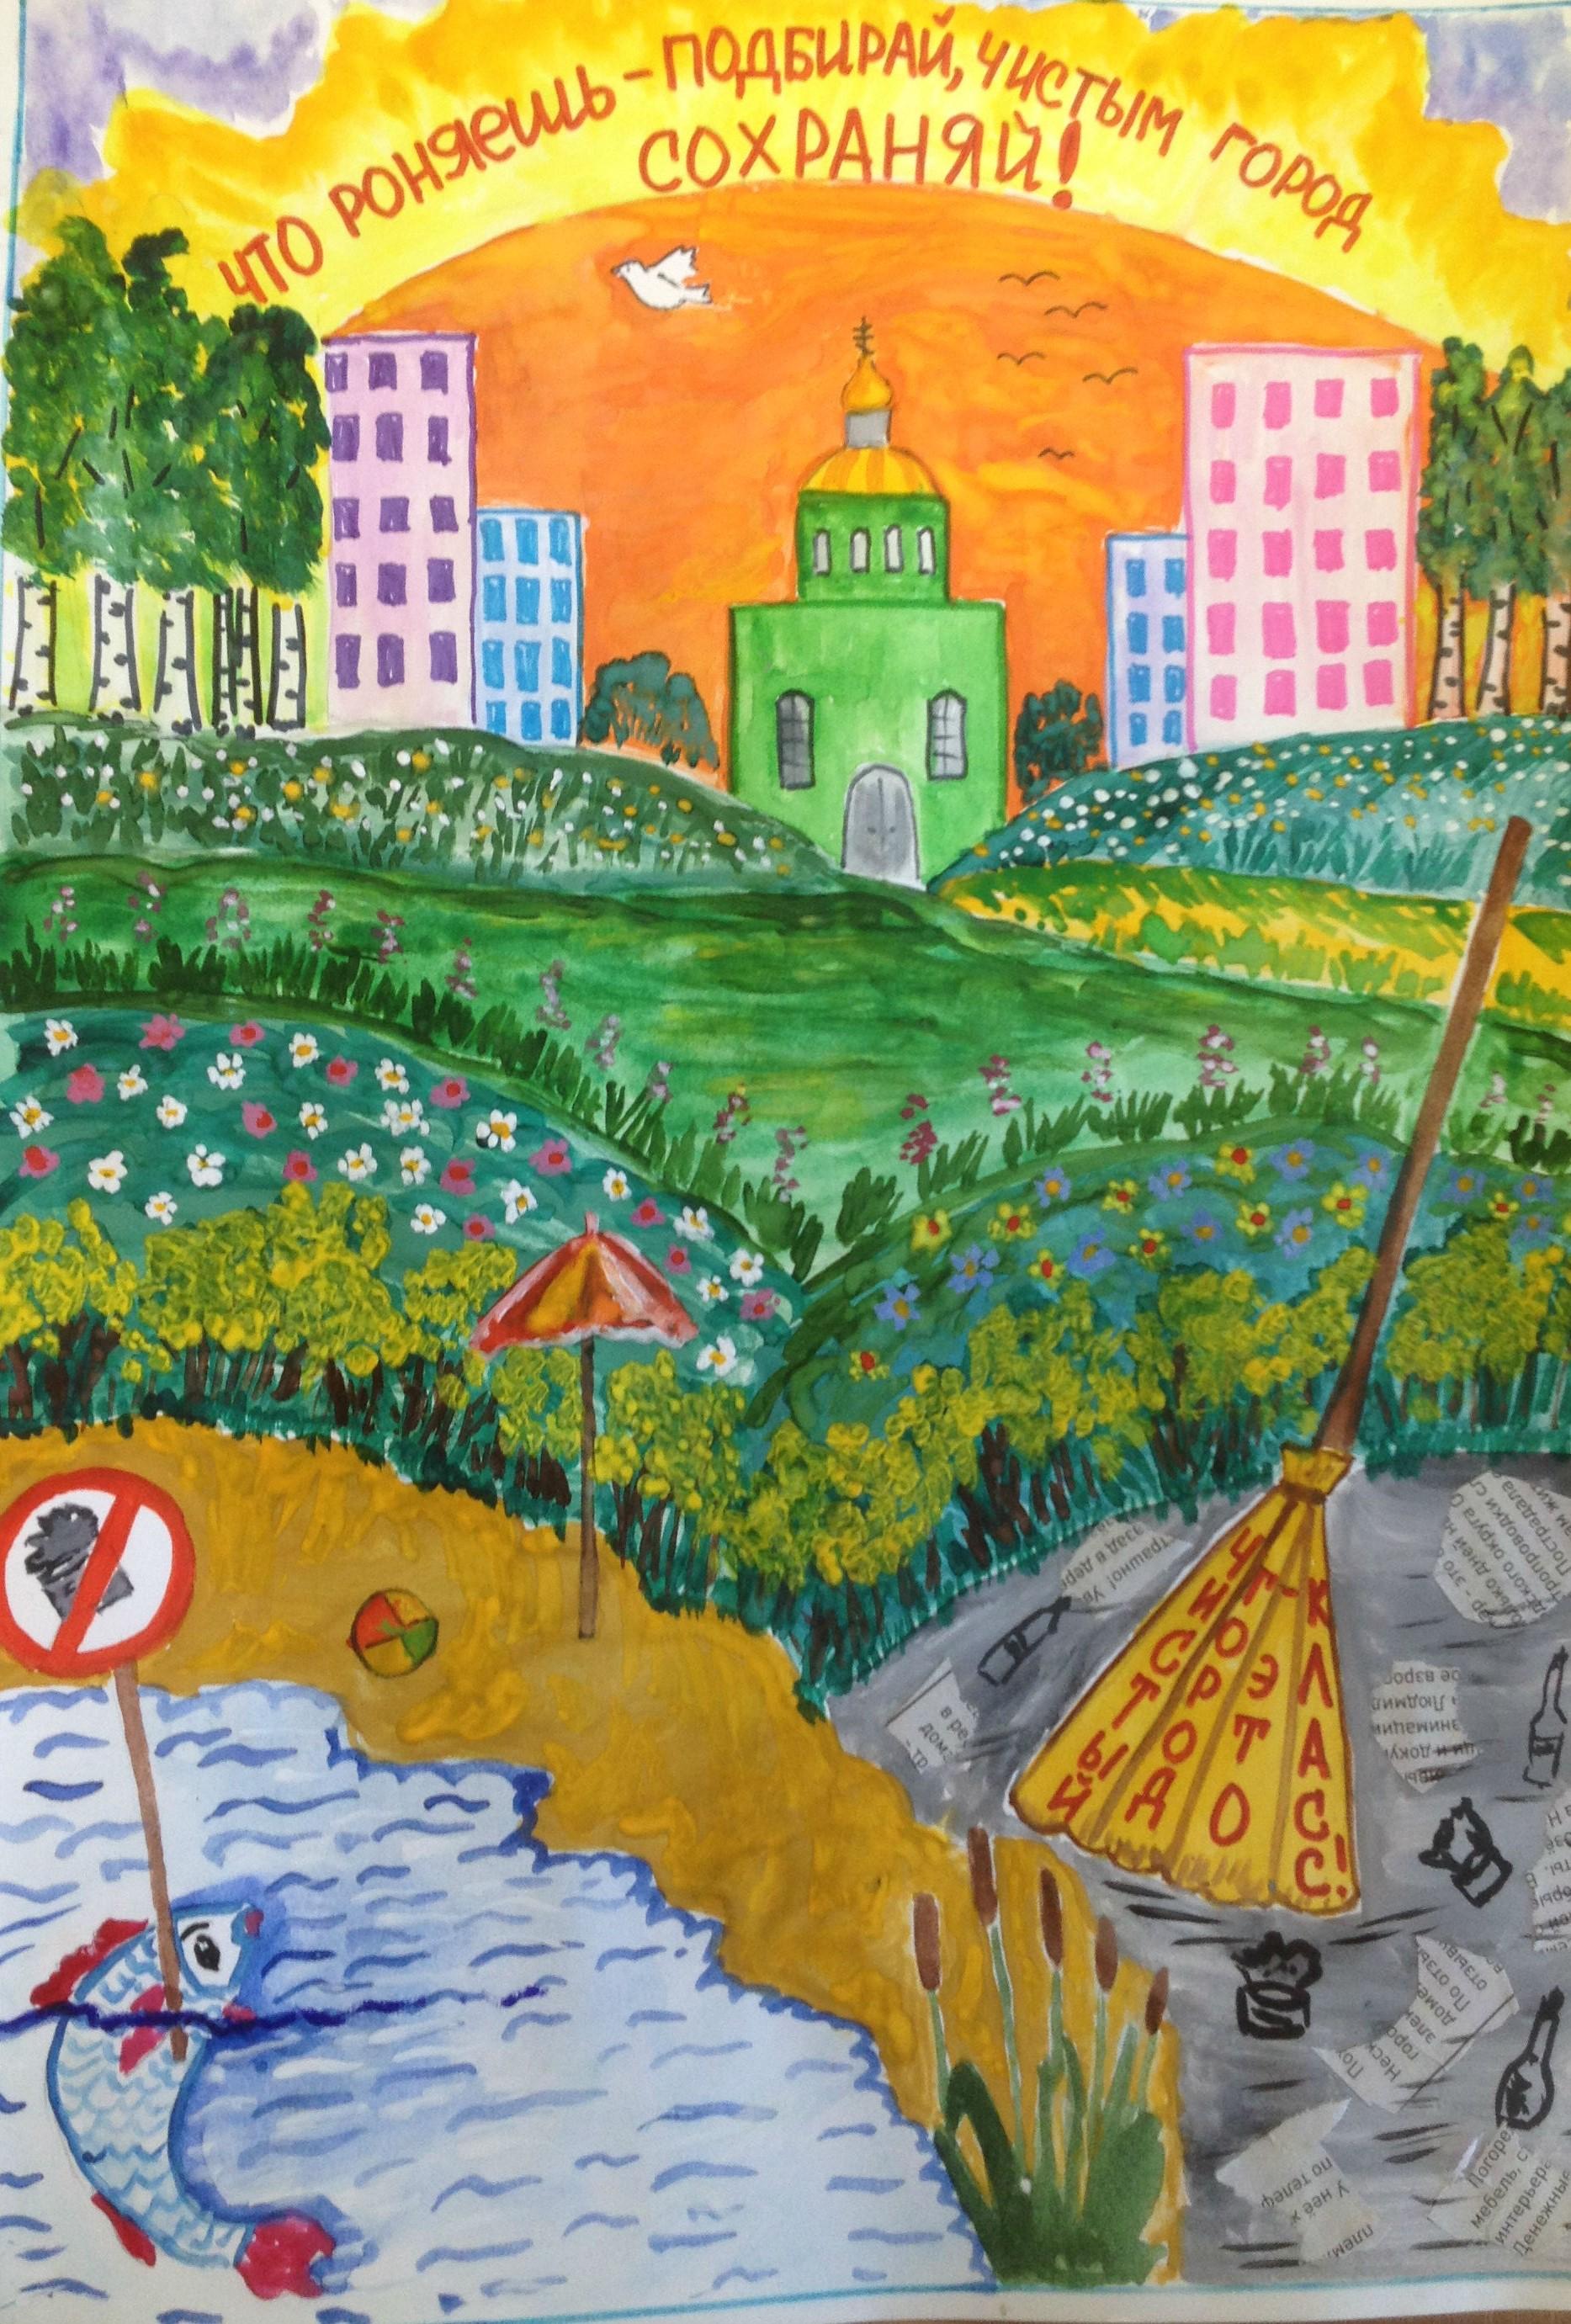 С 25 февраля по 1 марта в воскресной школе Троицкого храма города Озёры прошла выставка рисунков на тему Чистый город начинается с тебя! Работы воспитанников воскресной школы участвовали в муниципальном конкурсе экологического рисунка